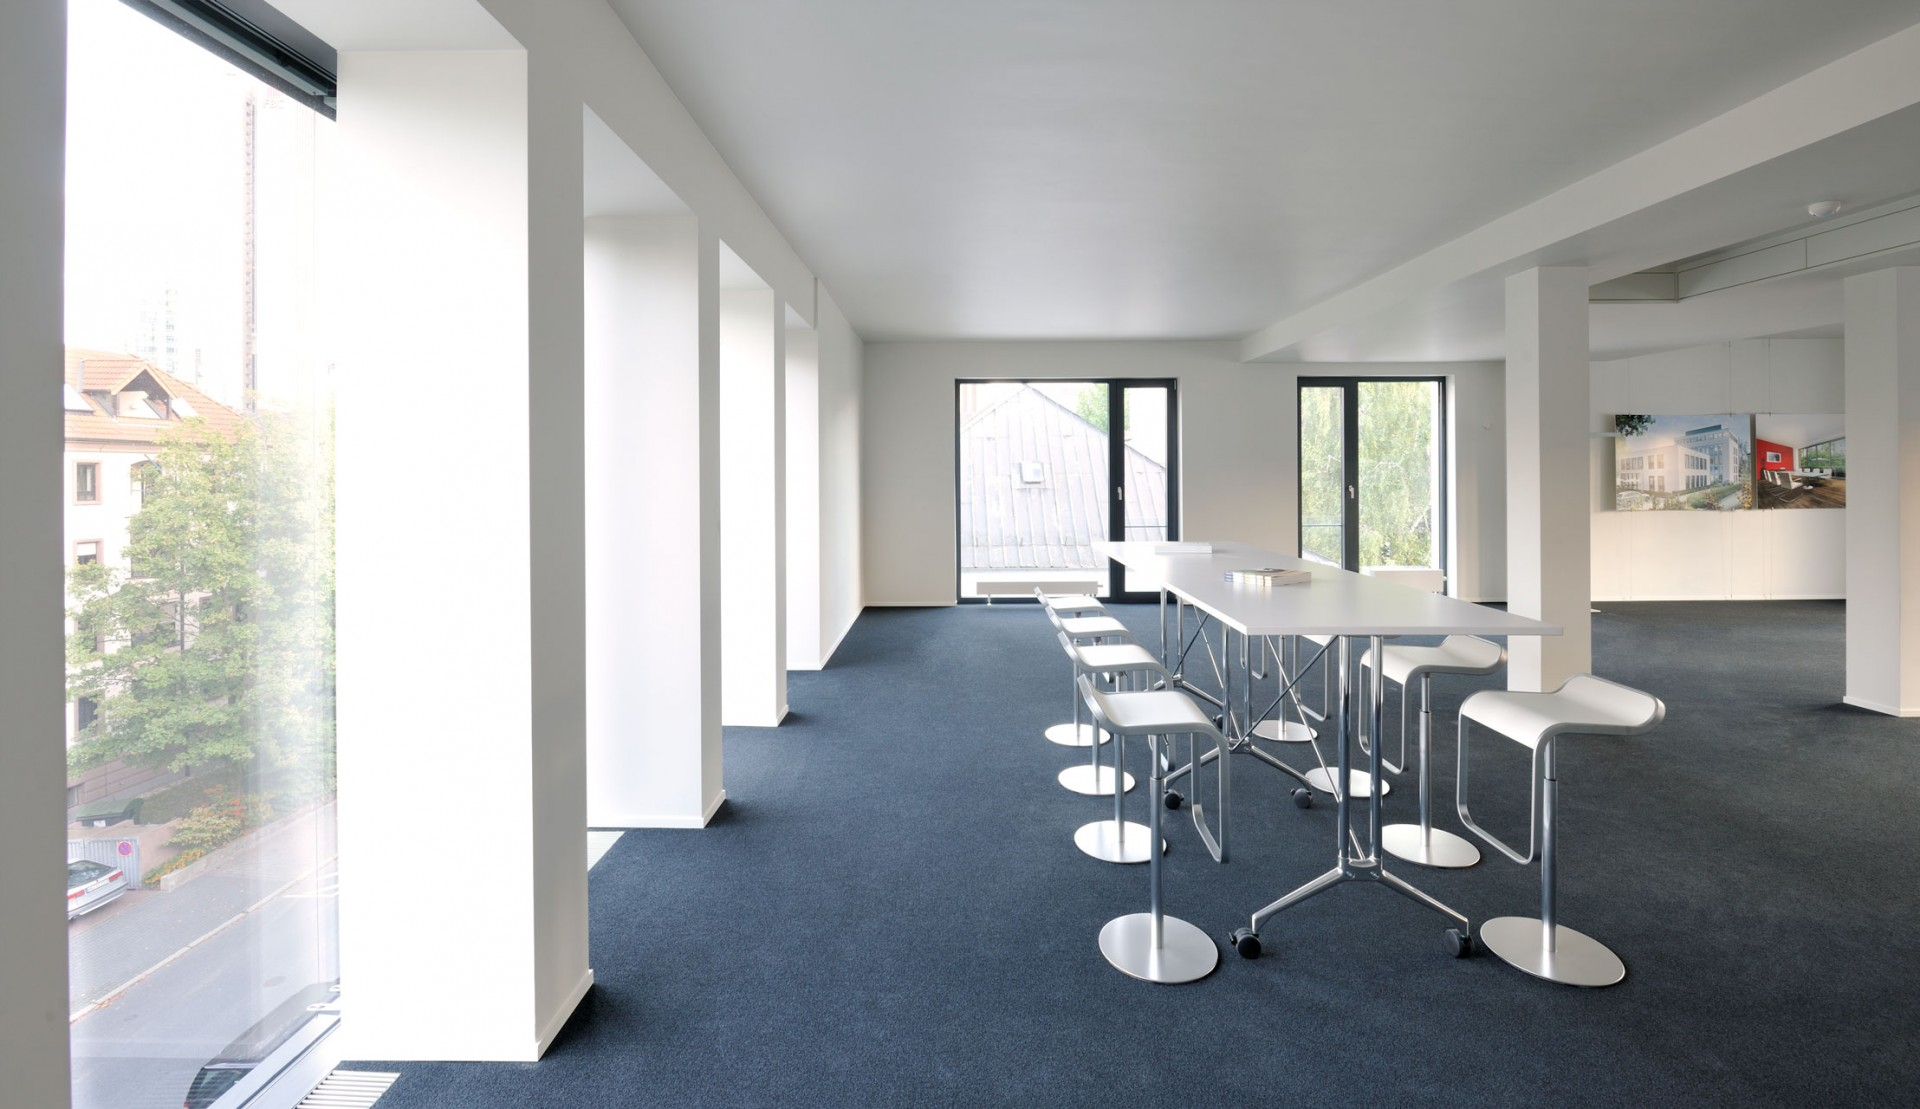 Drei Eins – Architektur- und Stadtplanungsbüro in Frankfurt // Bürohaus Savignystraße, Ffm